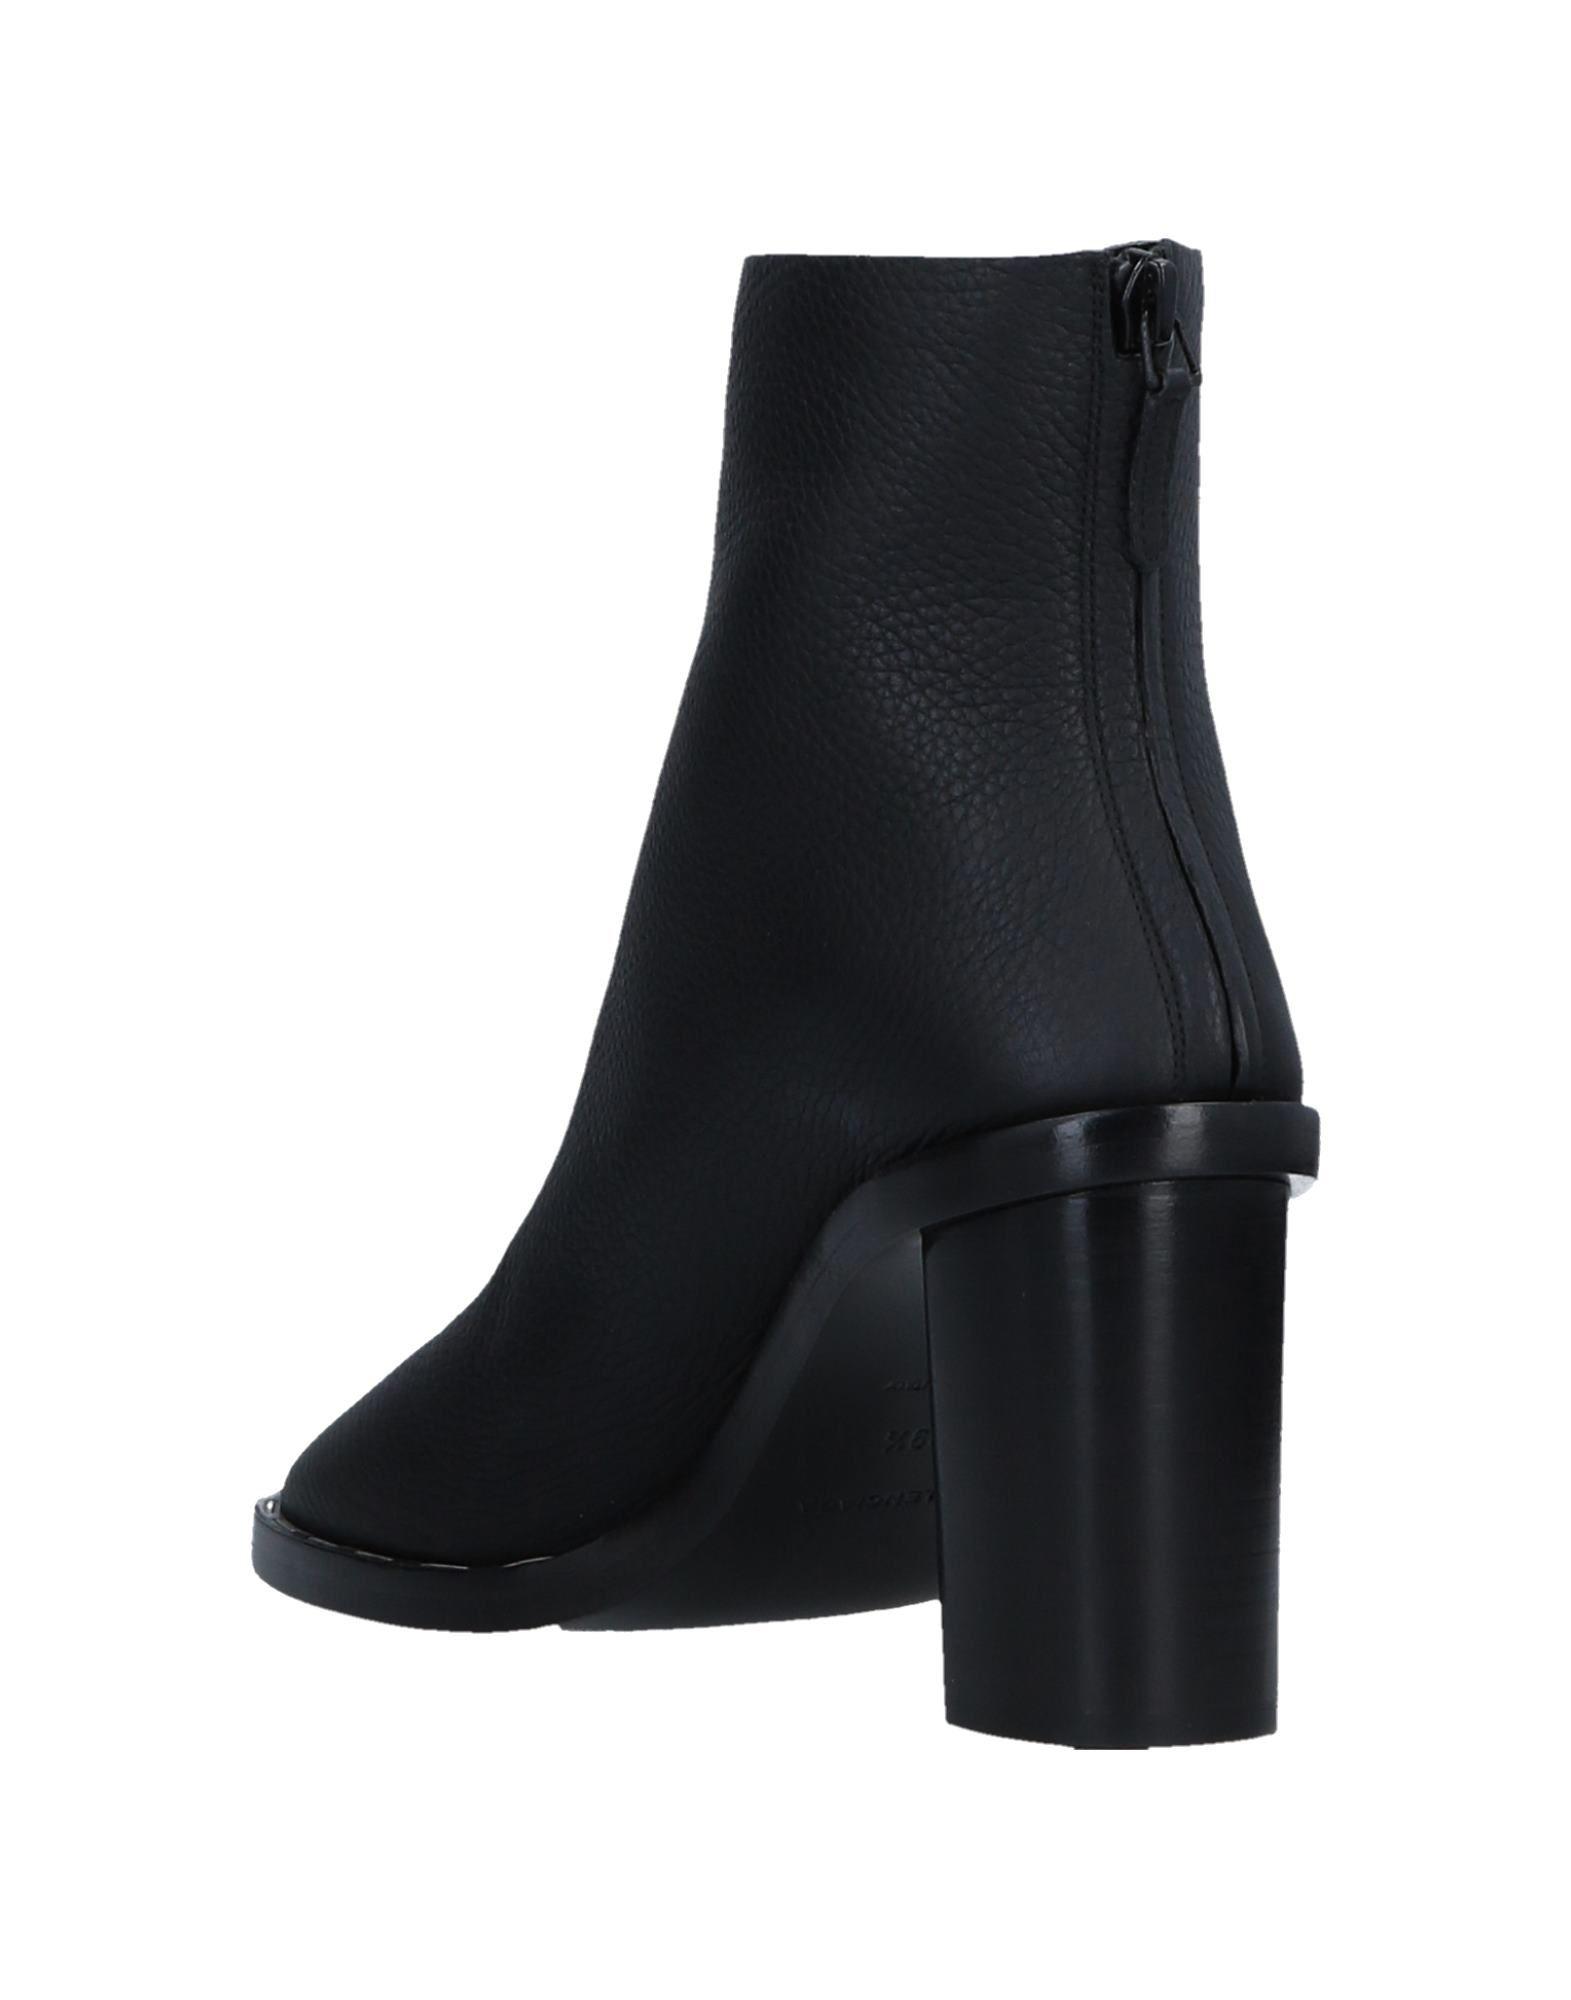 Balenciaga Stiefelette Schuhe Damen  11540459PIGünstige gut aussehende Schuhe Stiefelette 003918